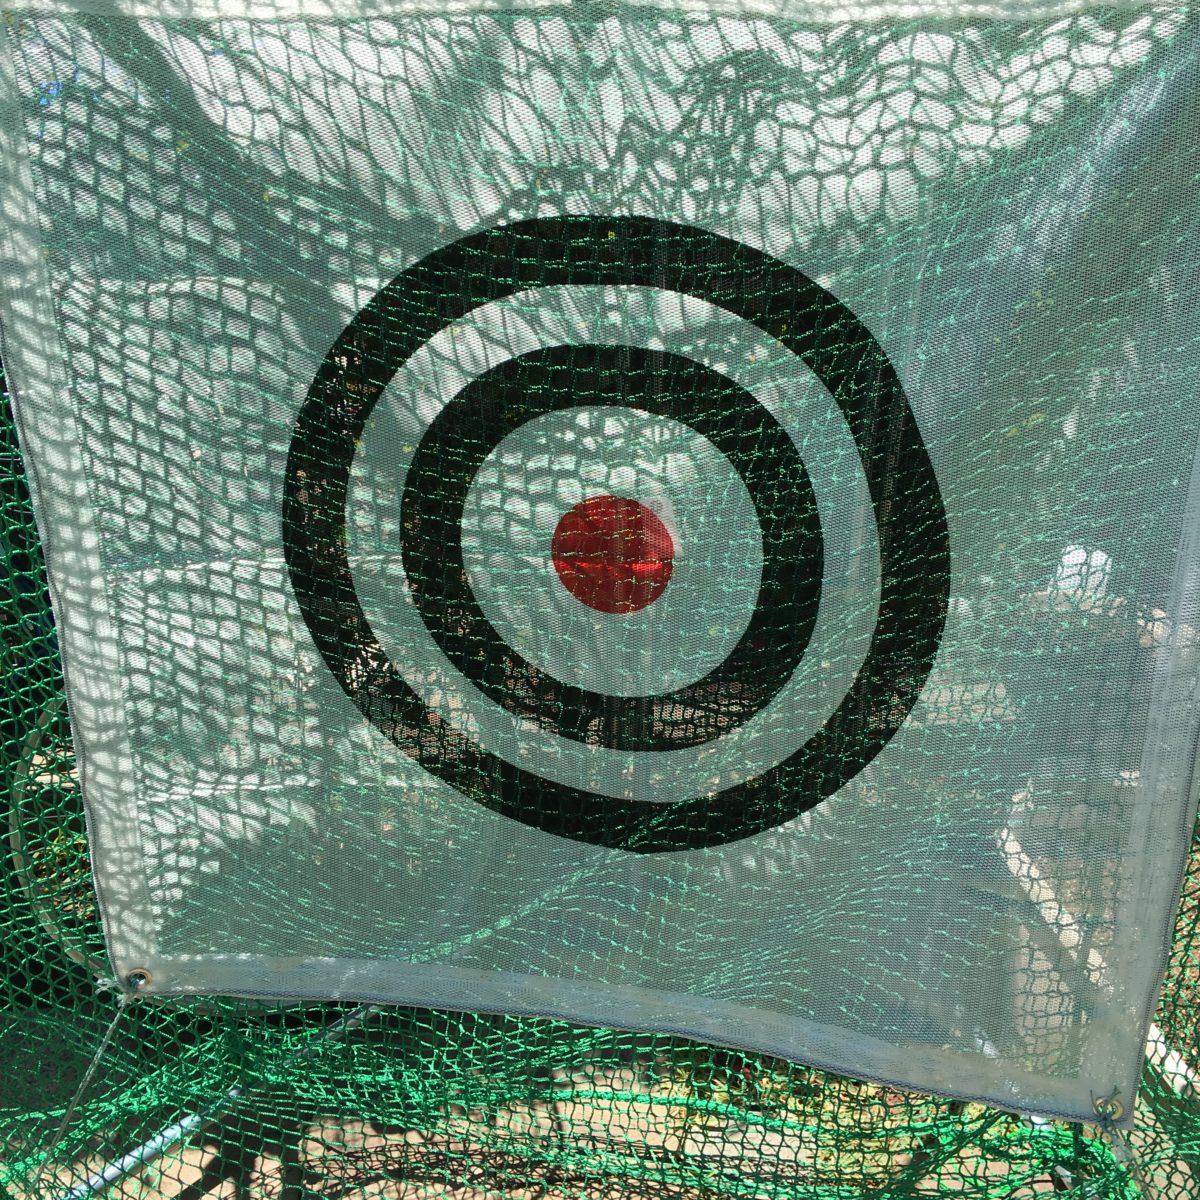 ゴルフ練習用ネットを庭に設置してみた